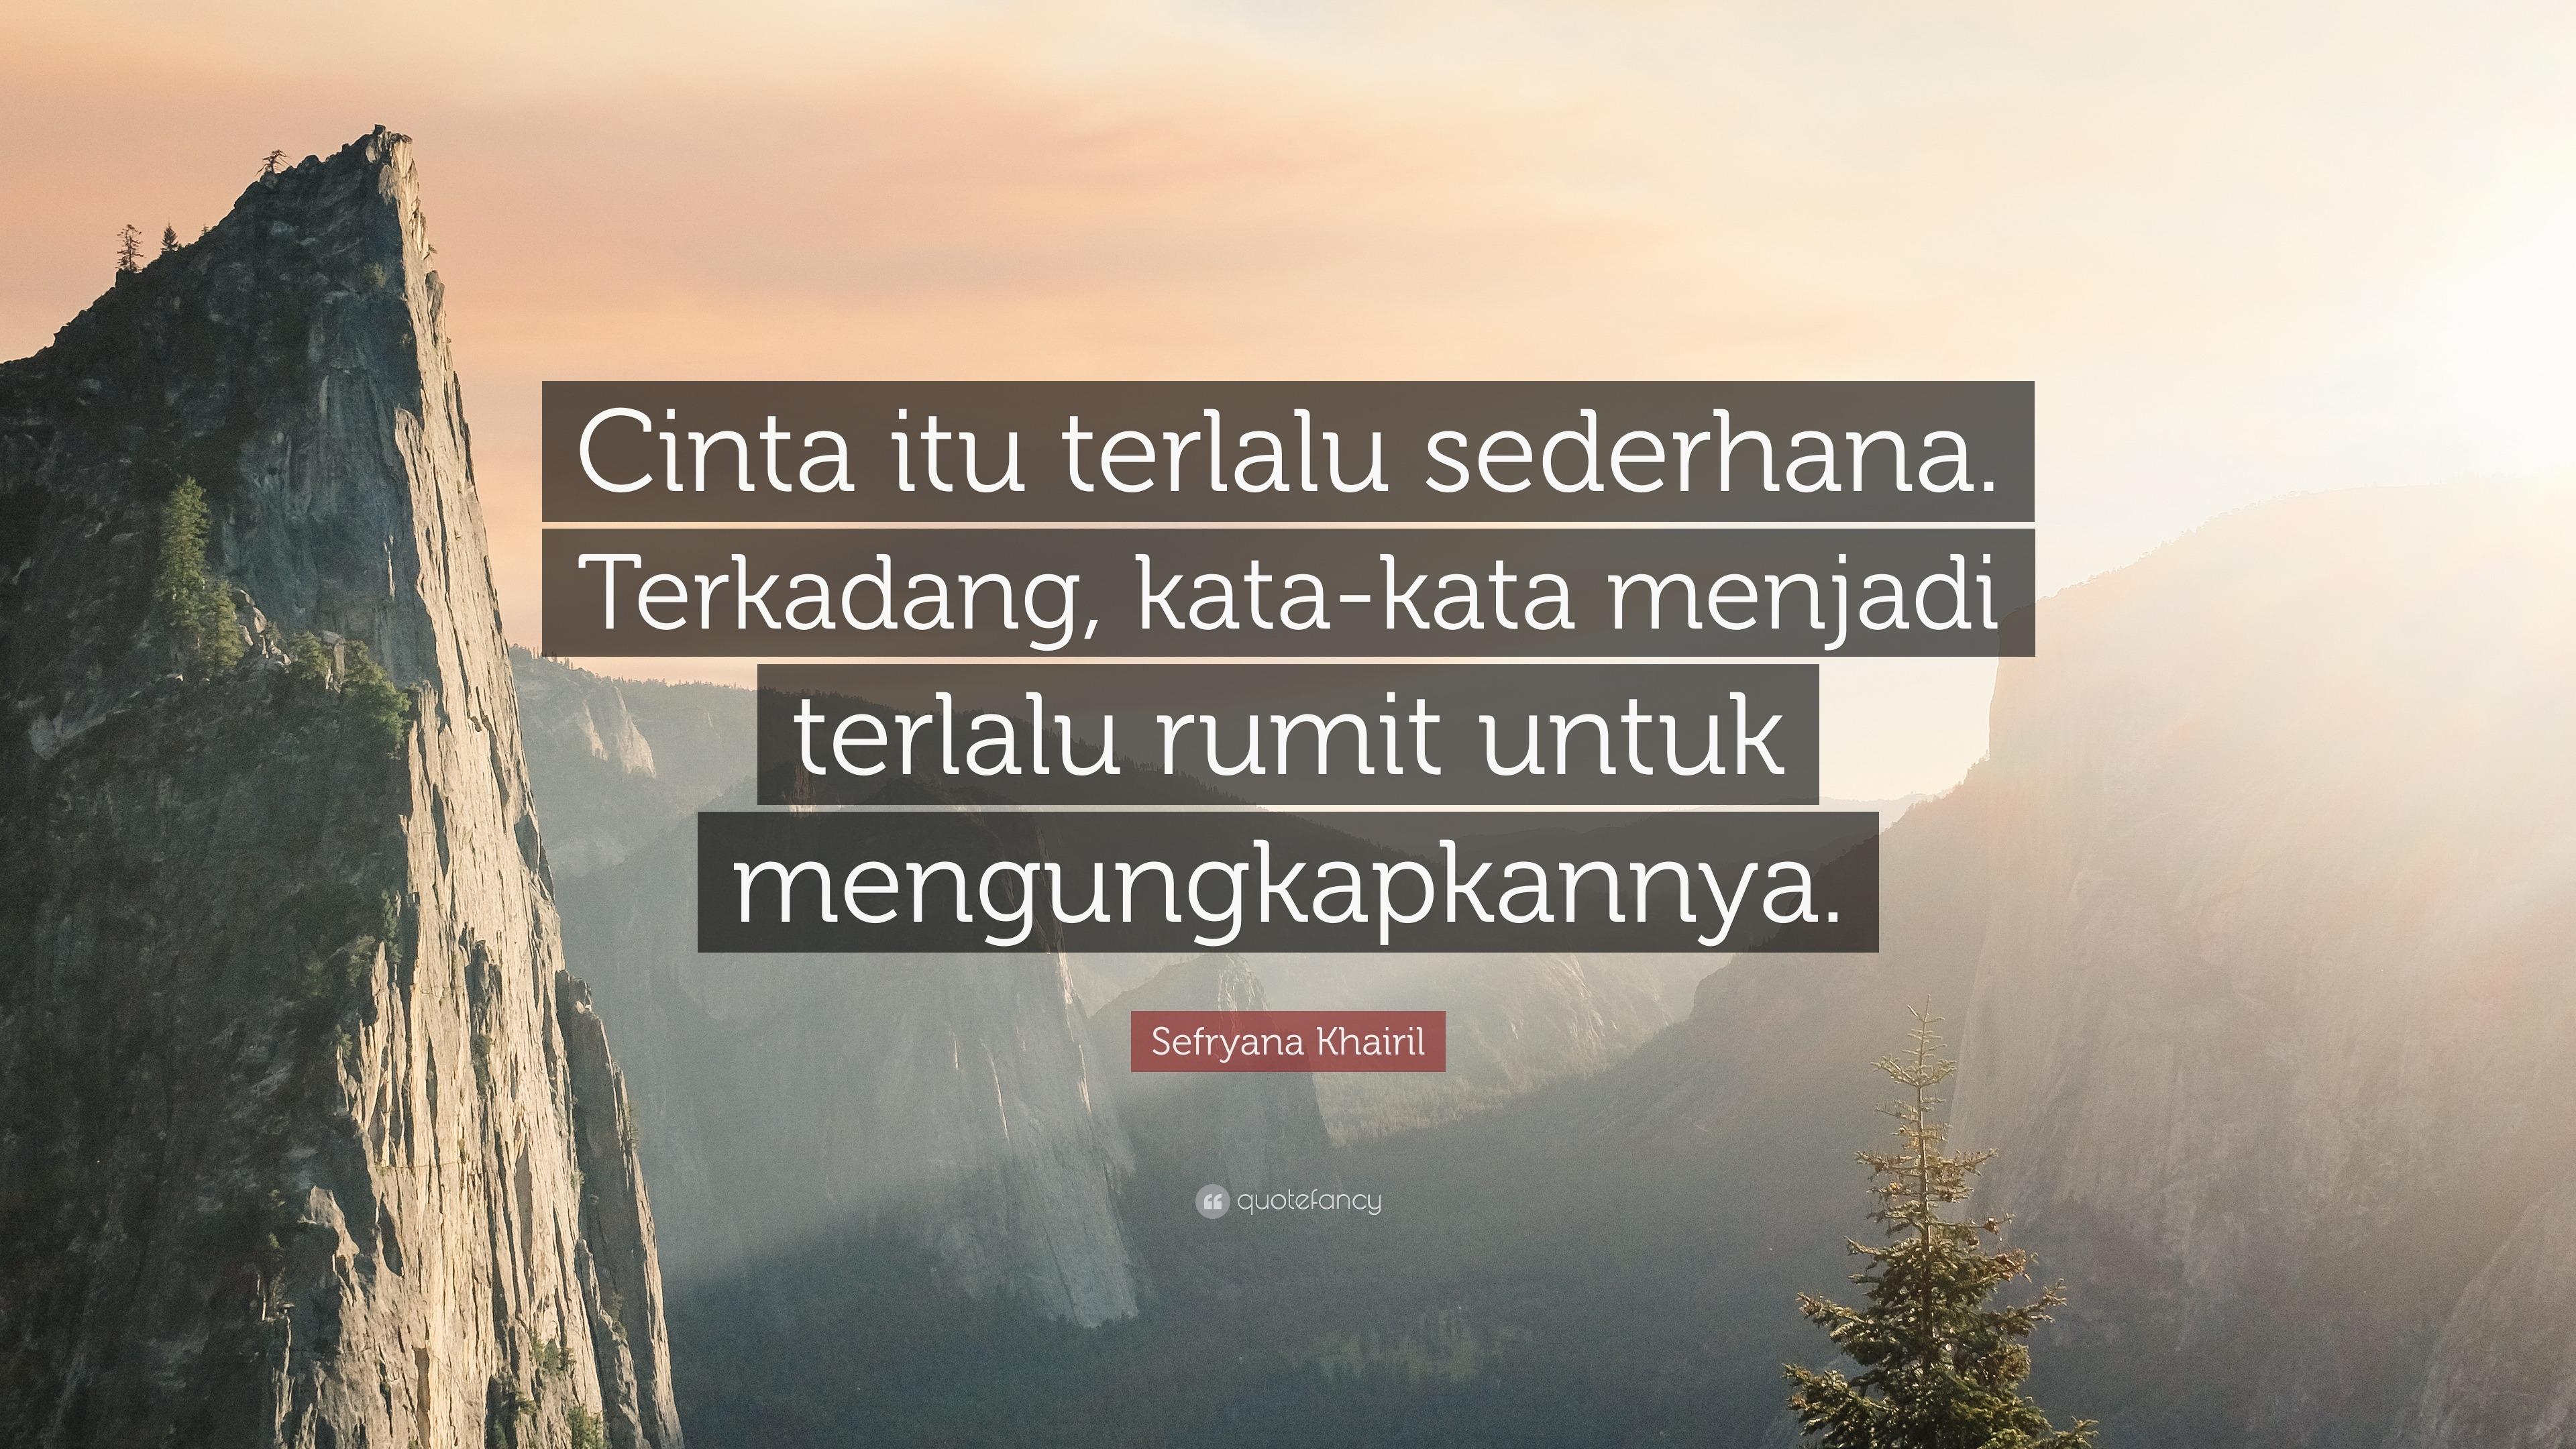 Sefryana Khairil Quote Cinta Itu Terlalu Sederhana Terkadang Kata Kata Menjadi Terlalu Rumit Untuk Mengungkapkannya 7 Wallpapers Quotefancy